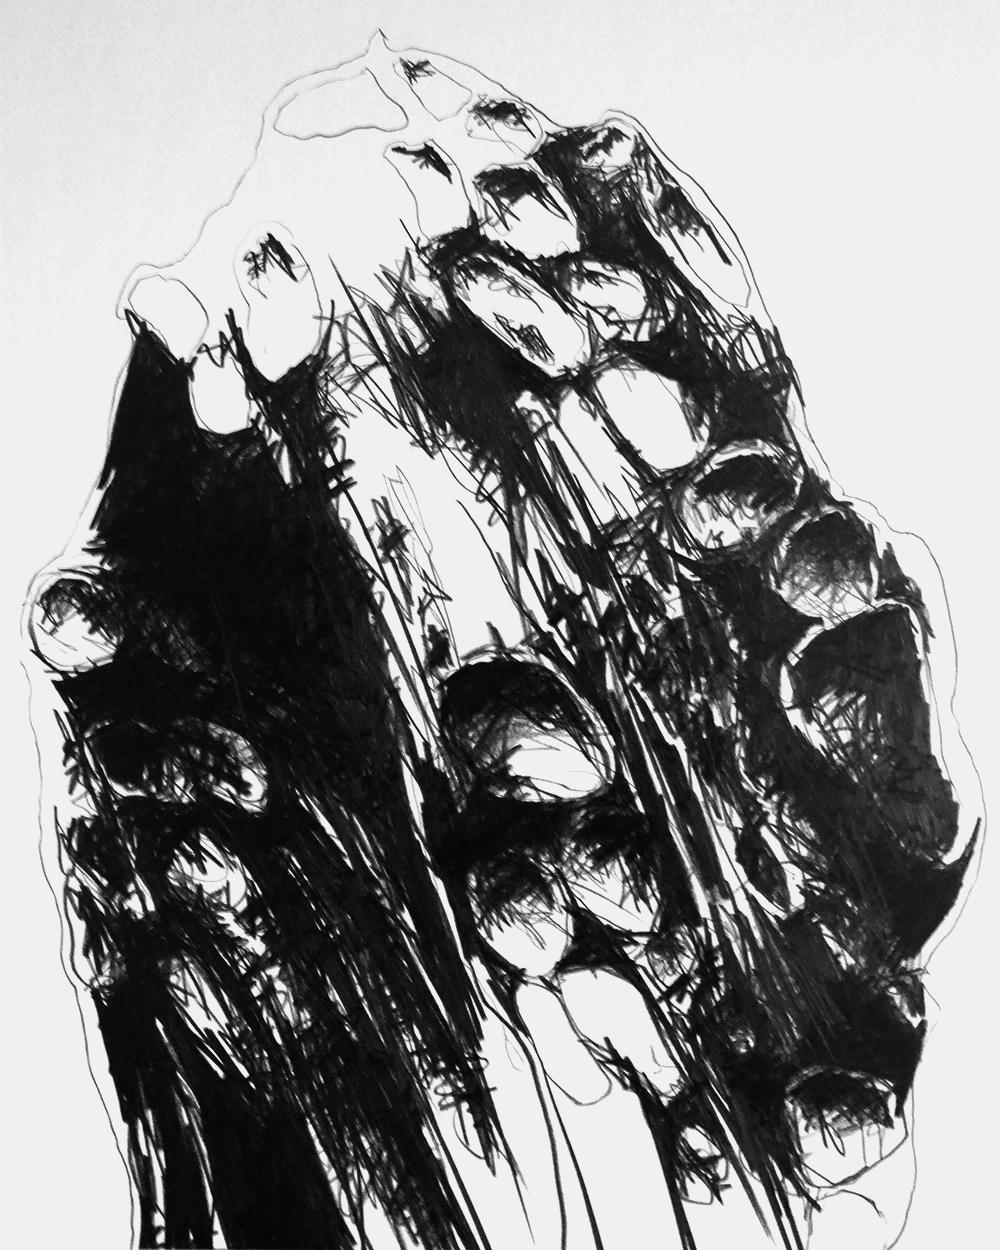 Serie GRAFIK AUS DORTMUND 2, monochrome Grafit Zeichnung Thomas Autering